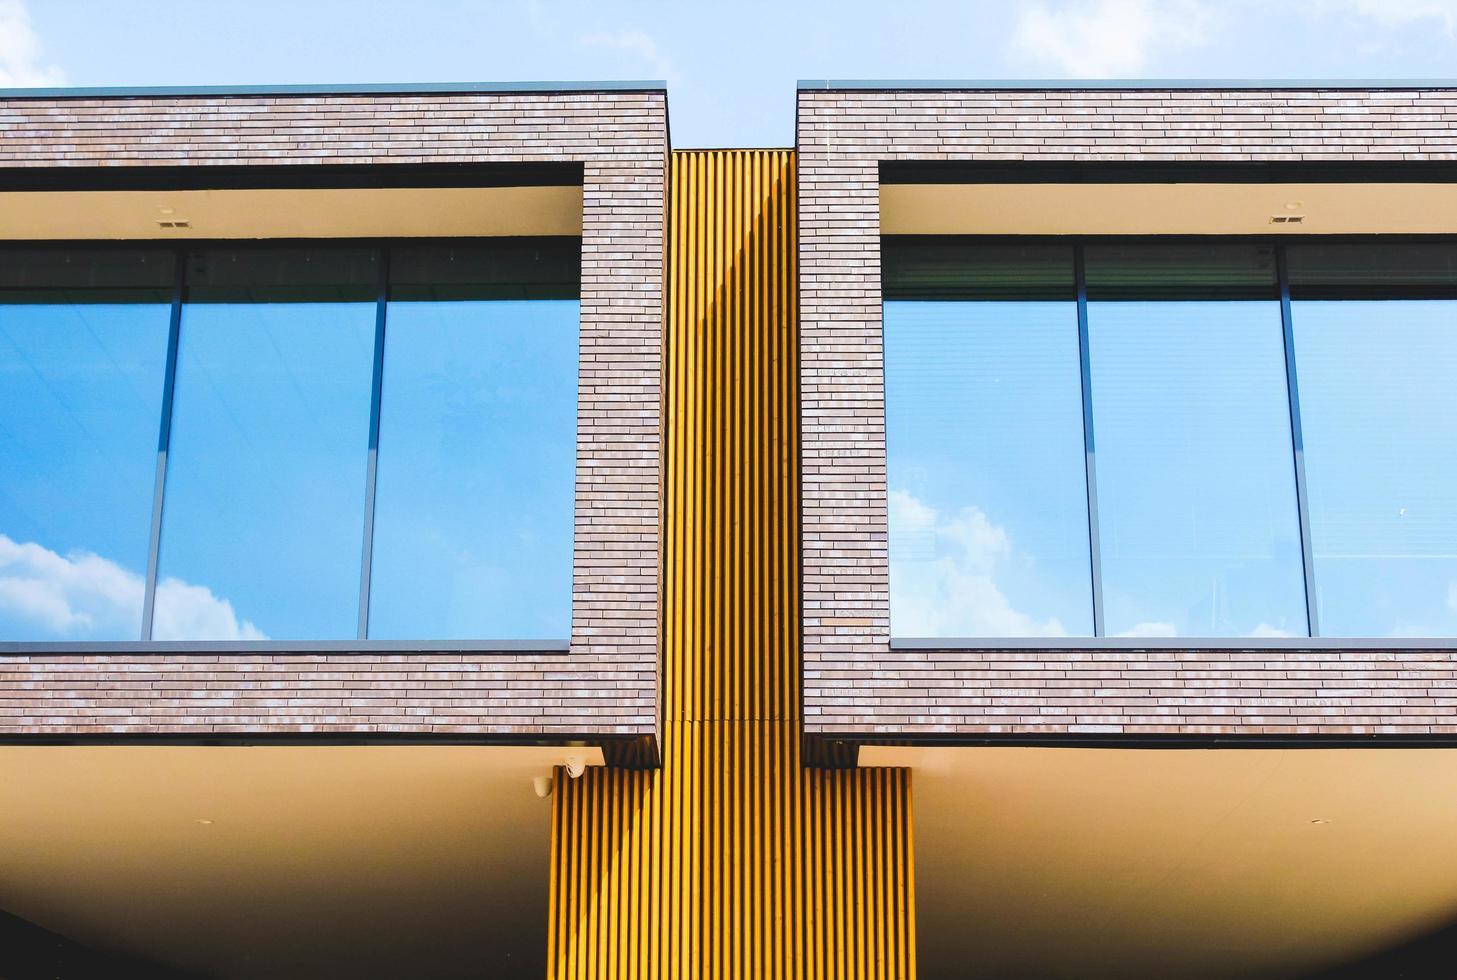 nederland, 2020 - modern geometrisch gebouw foto